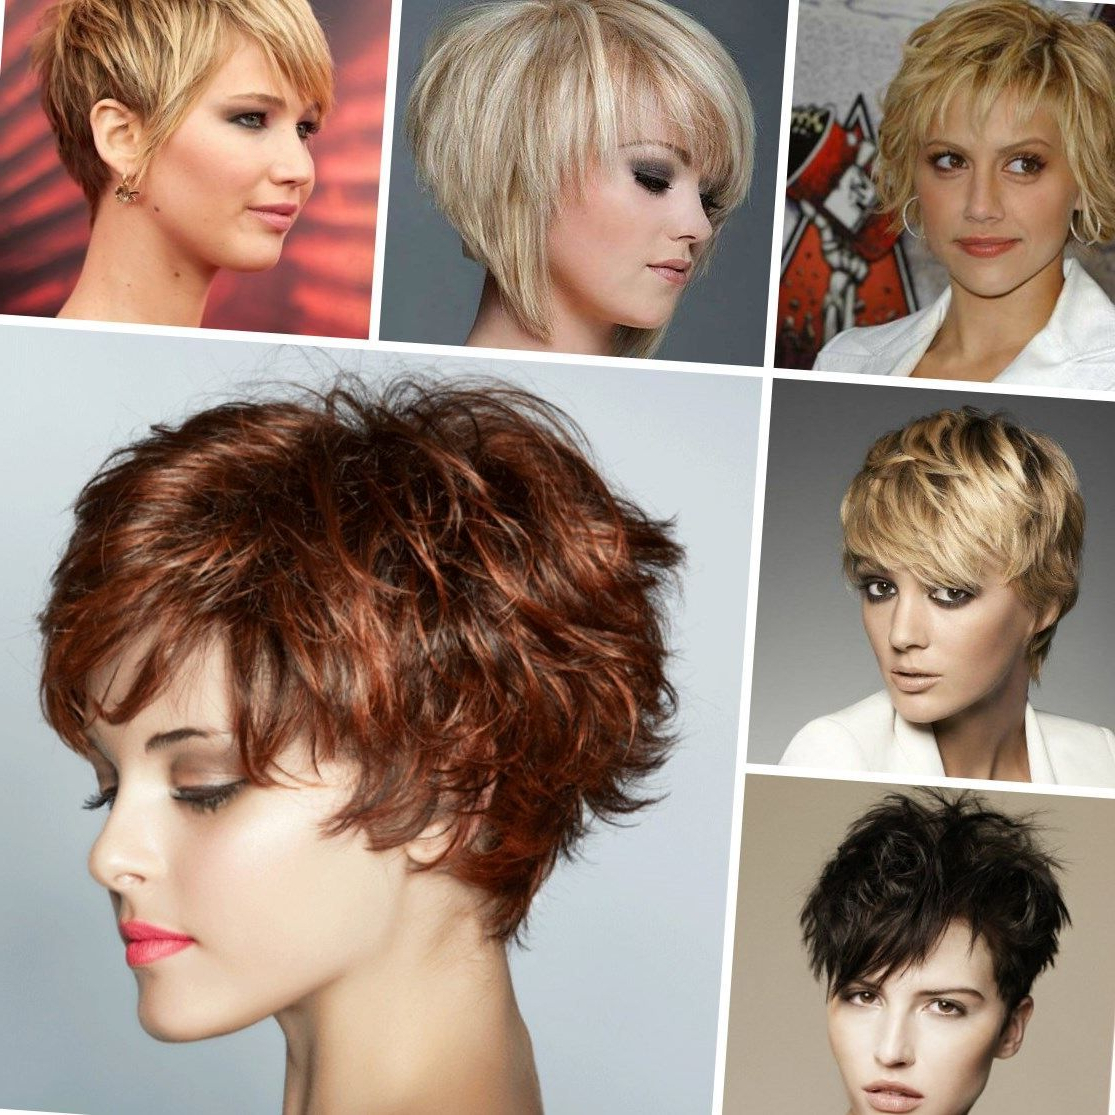 20 Short Sassy Haircuts Short Hairstyles 2017 2018 Most Short With Sassy Short Haircuts For Thick Hair (View 5 of 25)